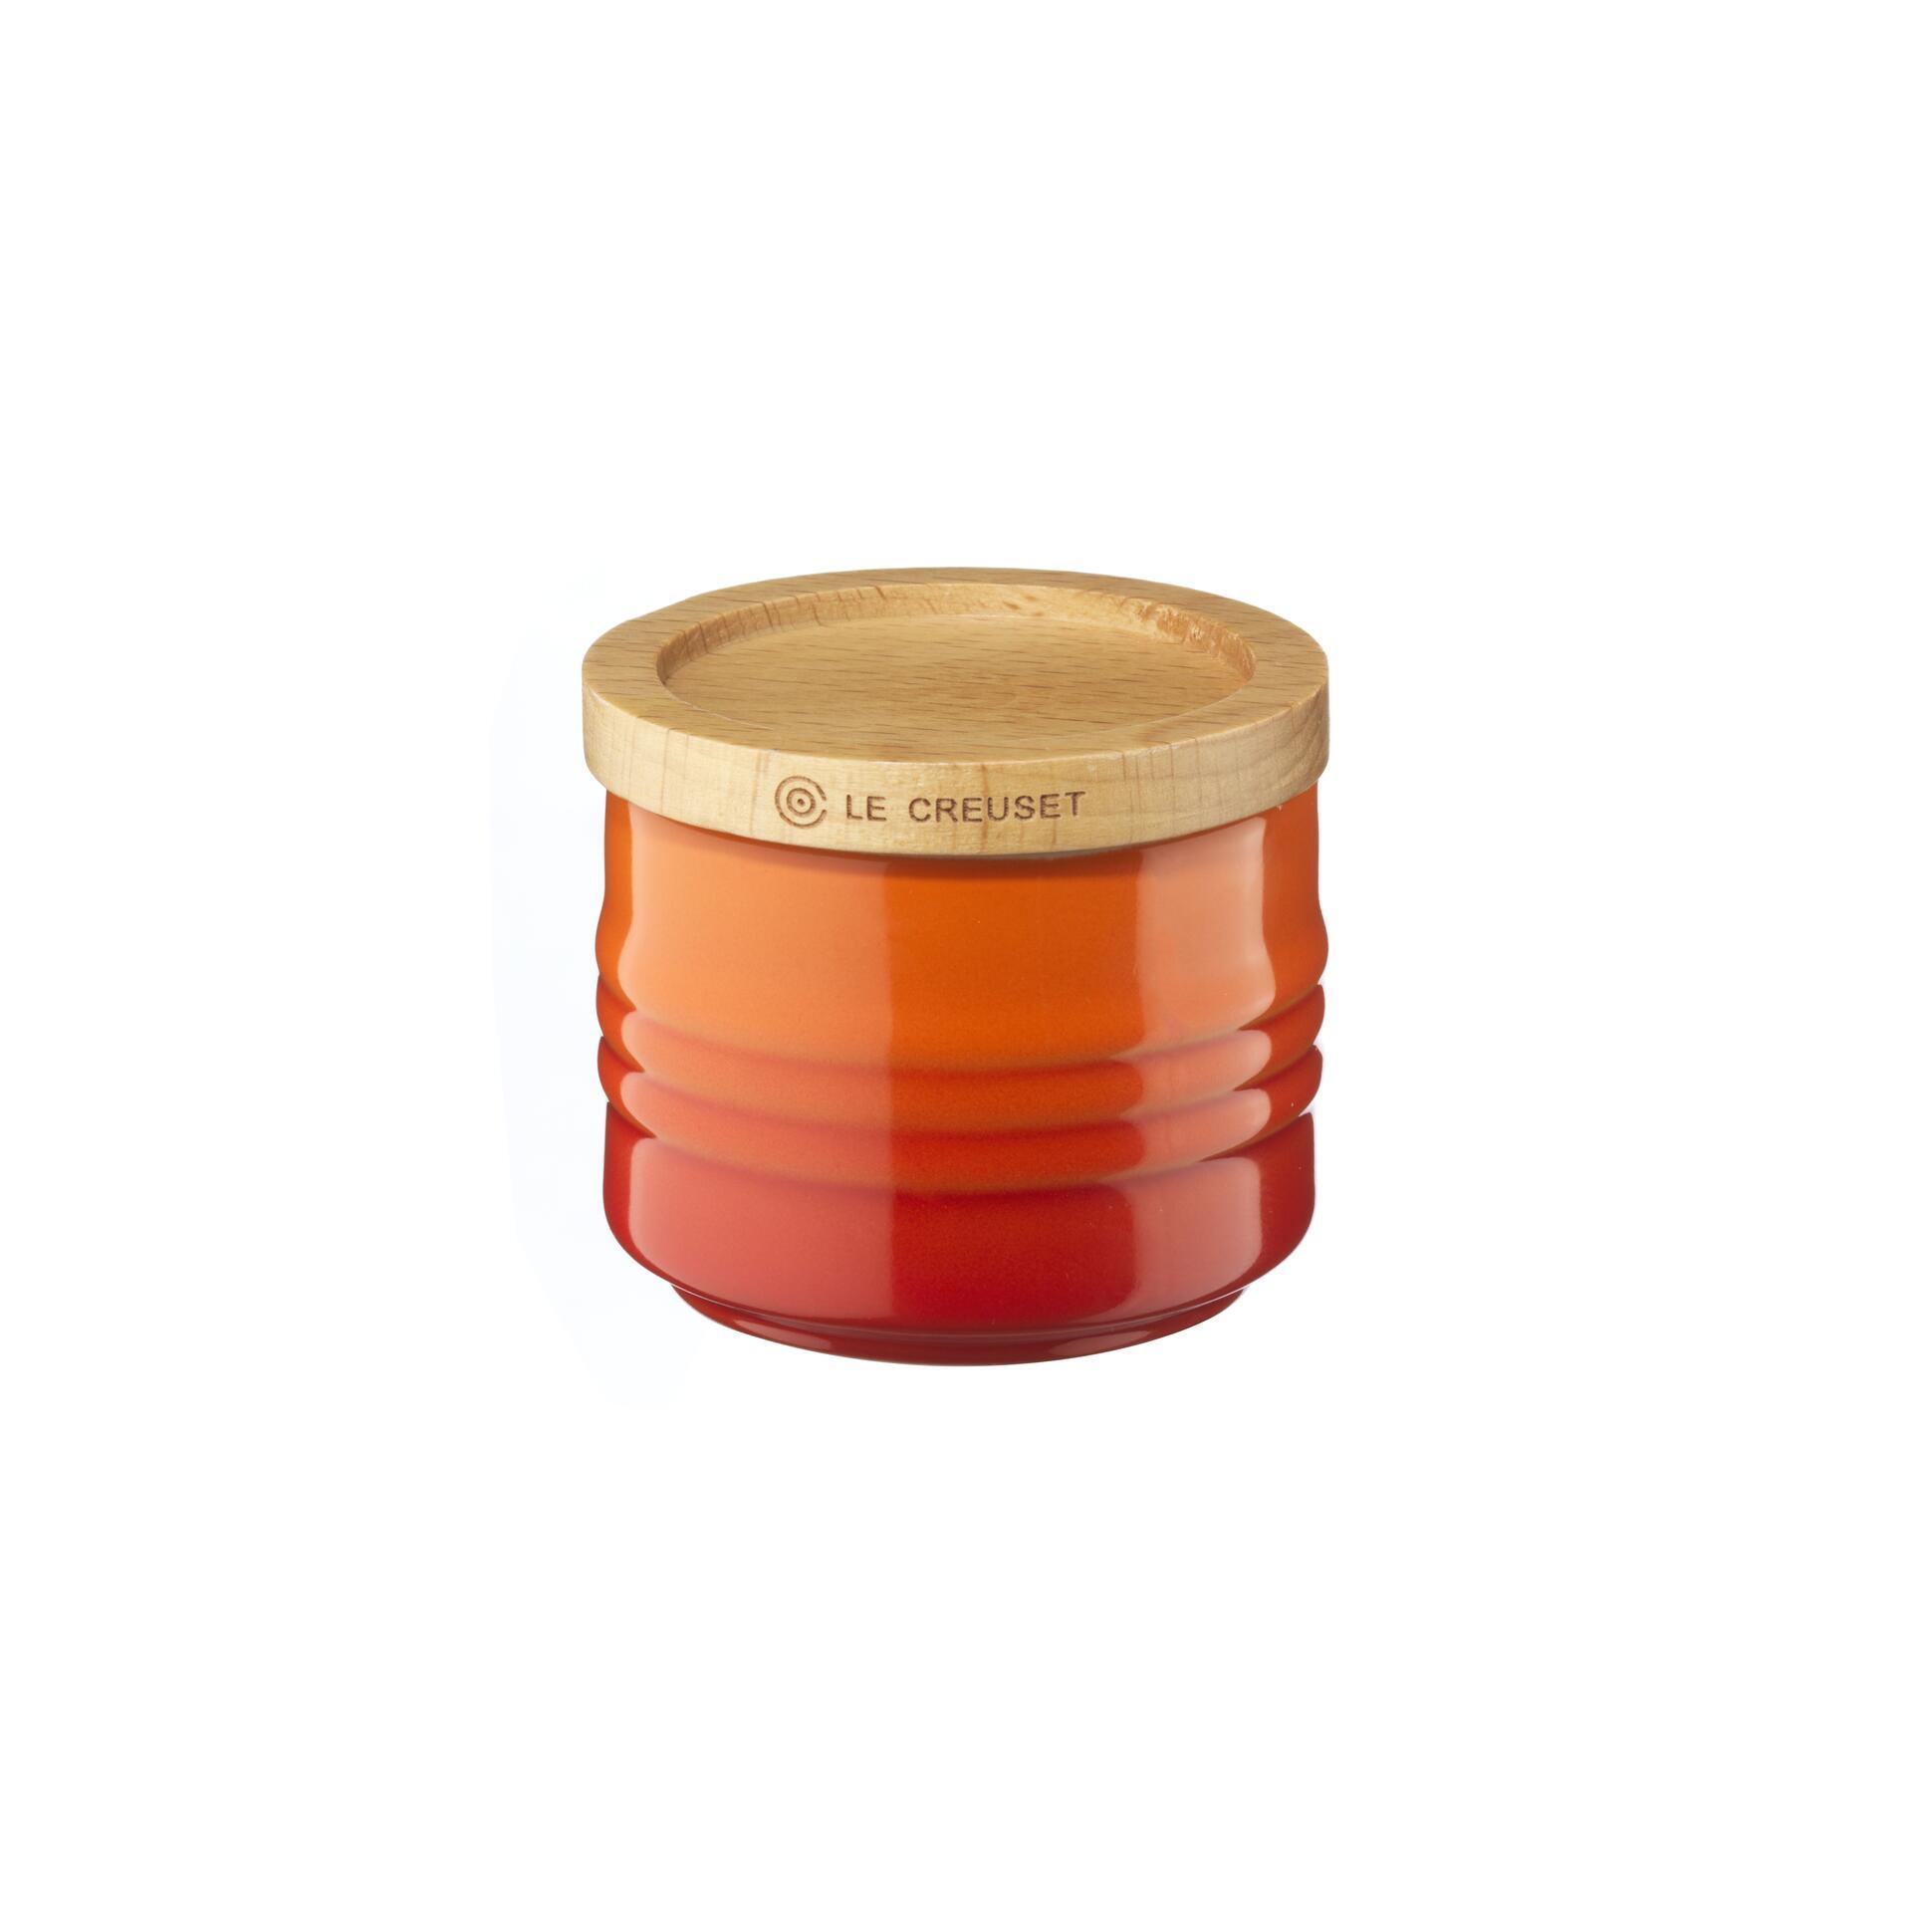 Le Creuset Zuckerdose Ofenrot